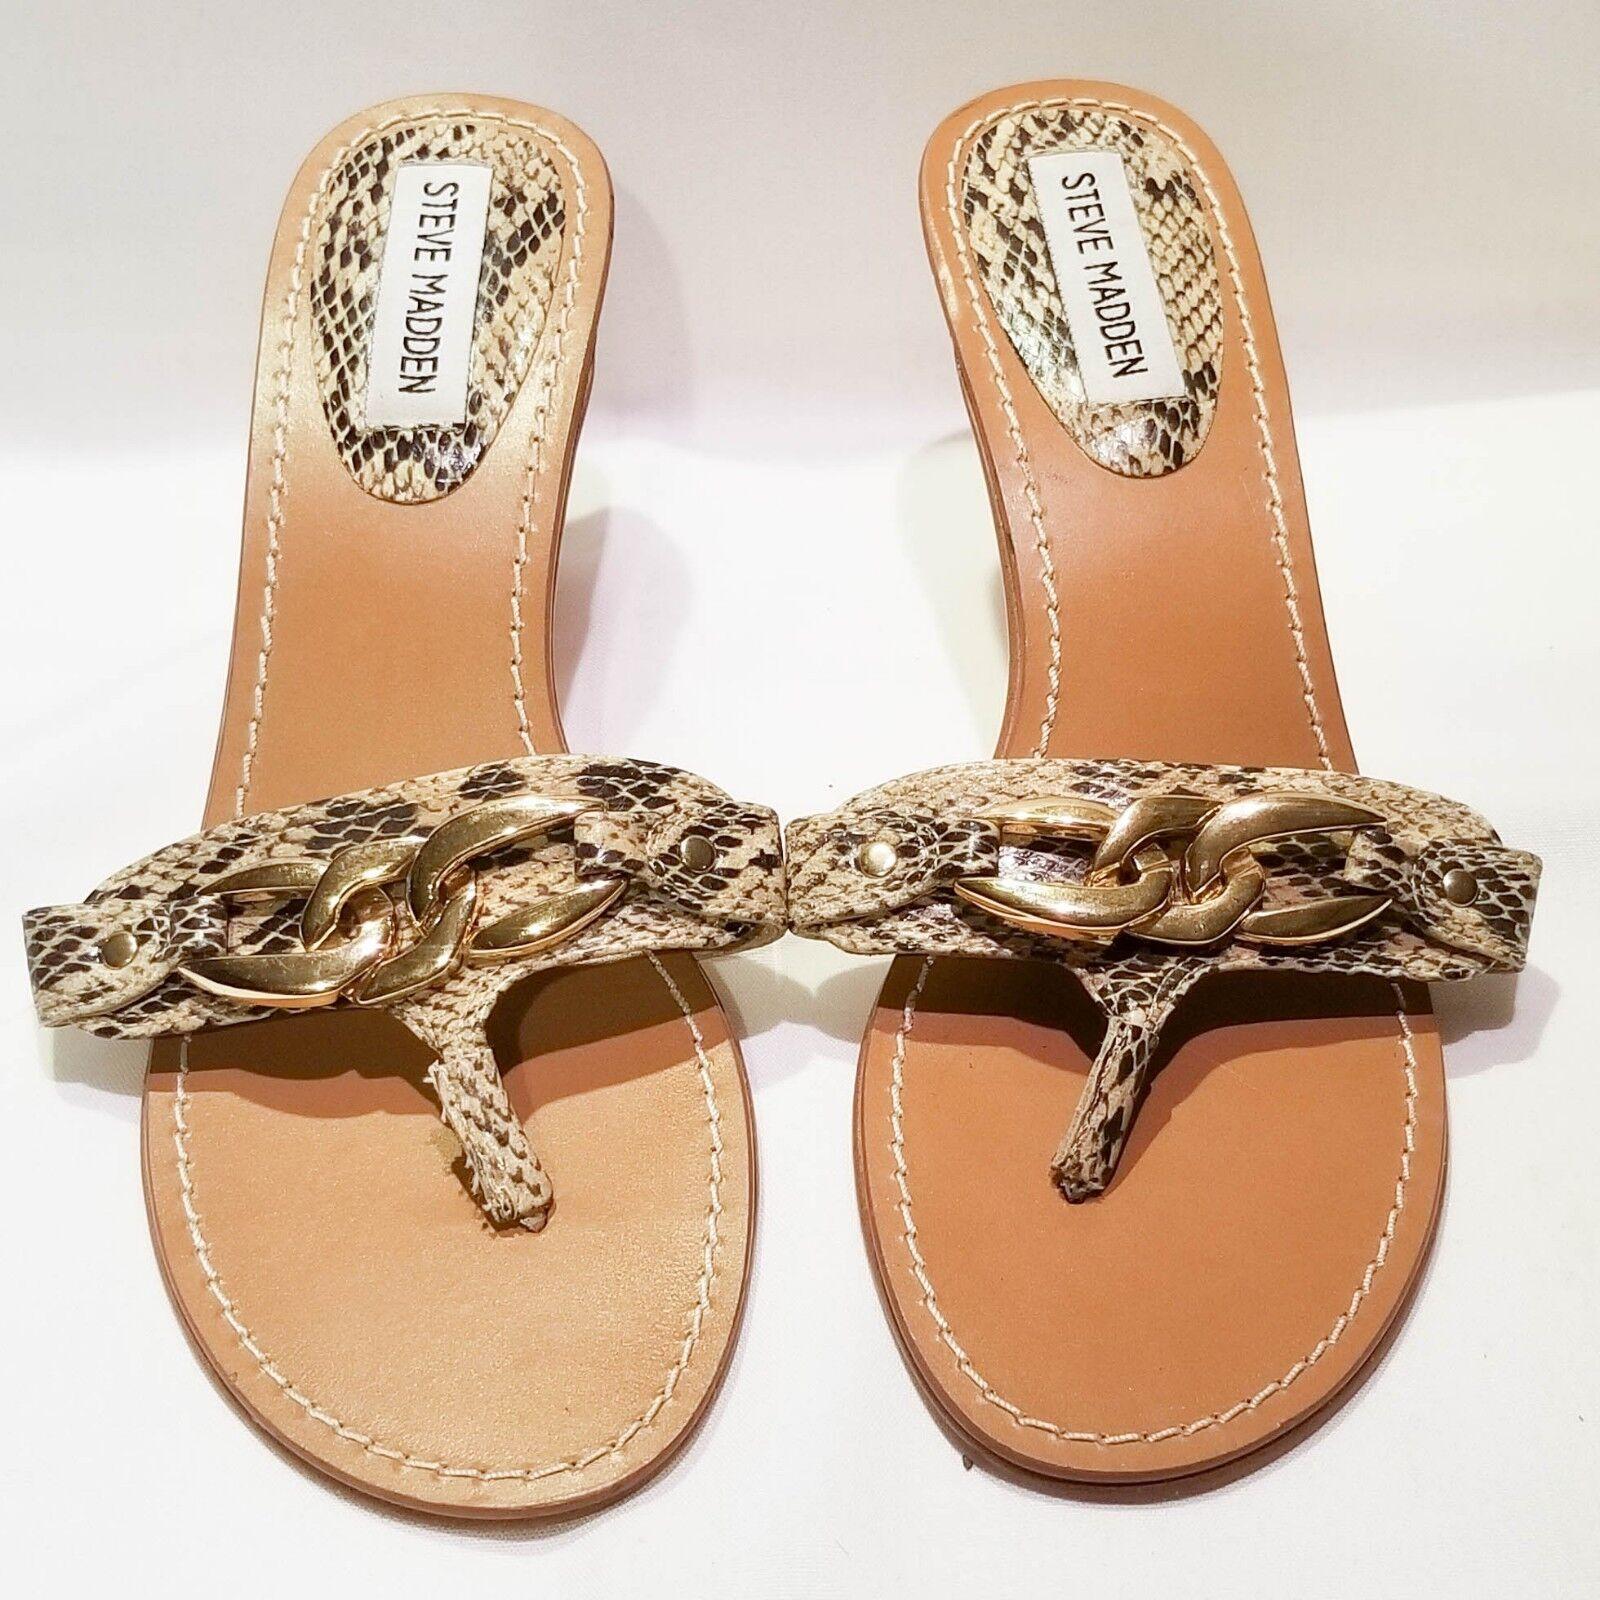 Steve Heel Madden BLAYNNE Snake Skin Sandal Heel Steve Women's US Size 8 e9cfcd